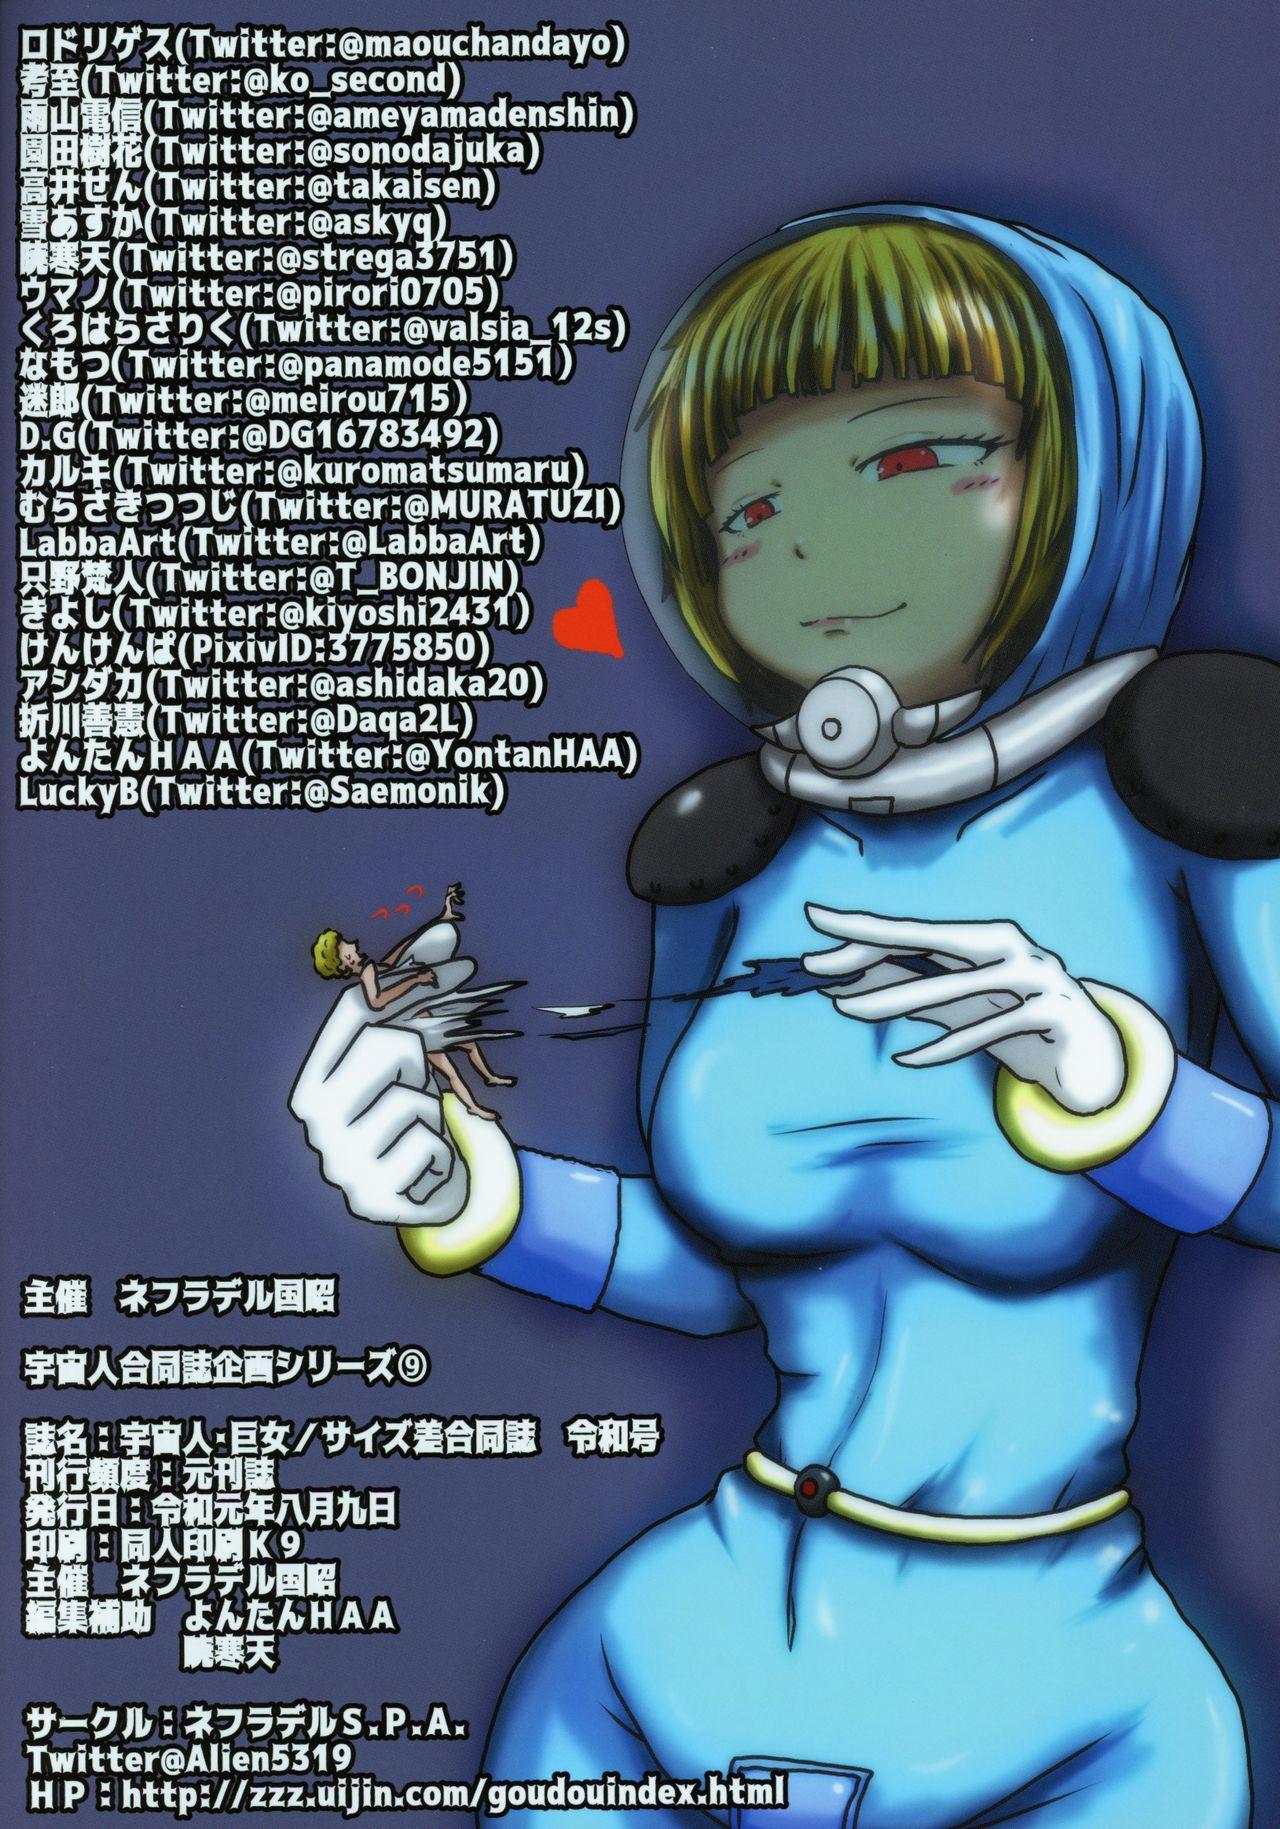 Uchuujin x Kyojo / Size-sa Goudoushi Reiwagou 141